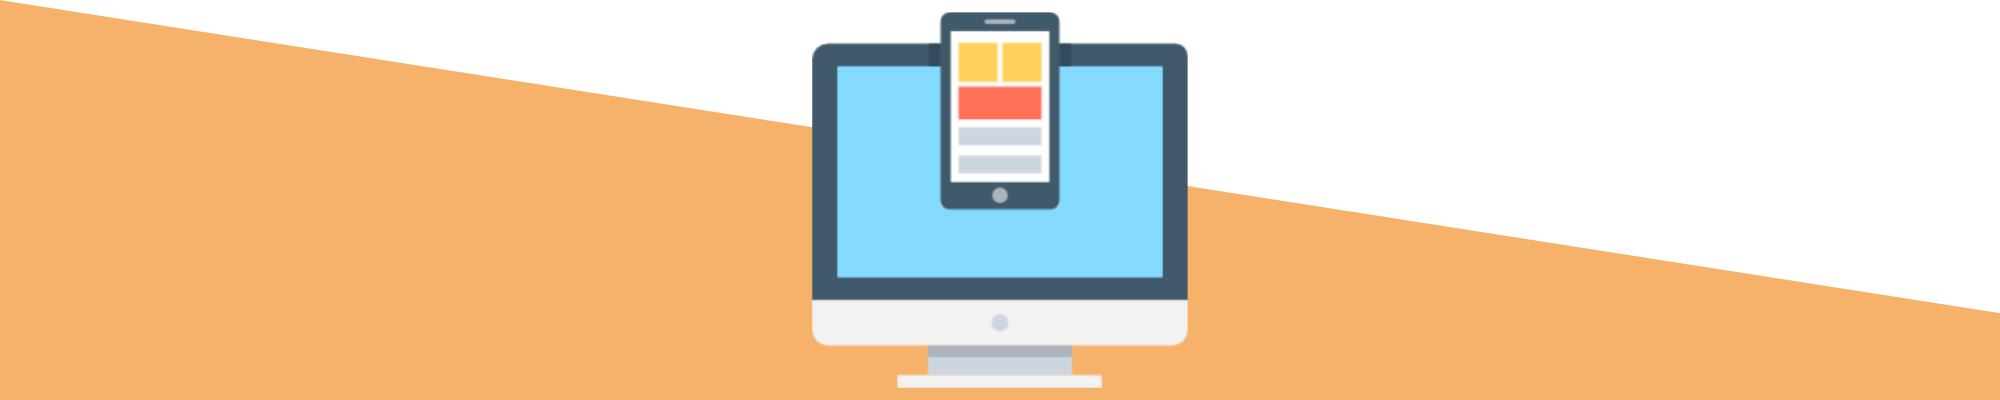 Google Analytics mobila app för telefoner och surfplattor.